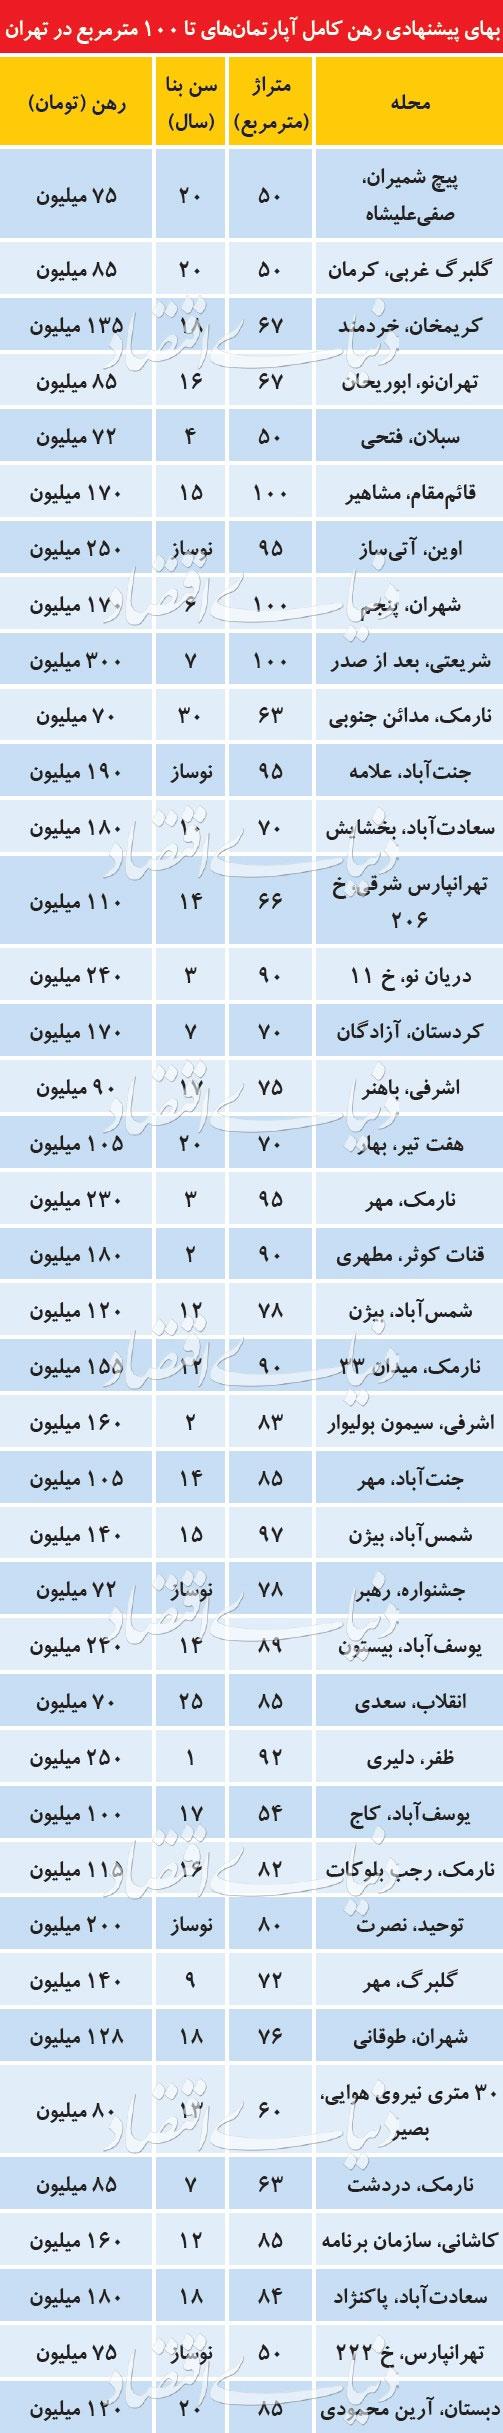 قیمت رهن کامل آپارتمان در نقاط مختلف تهران - 1